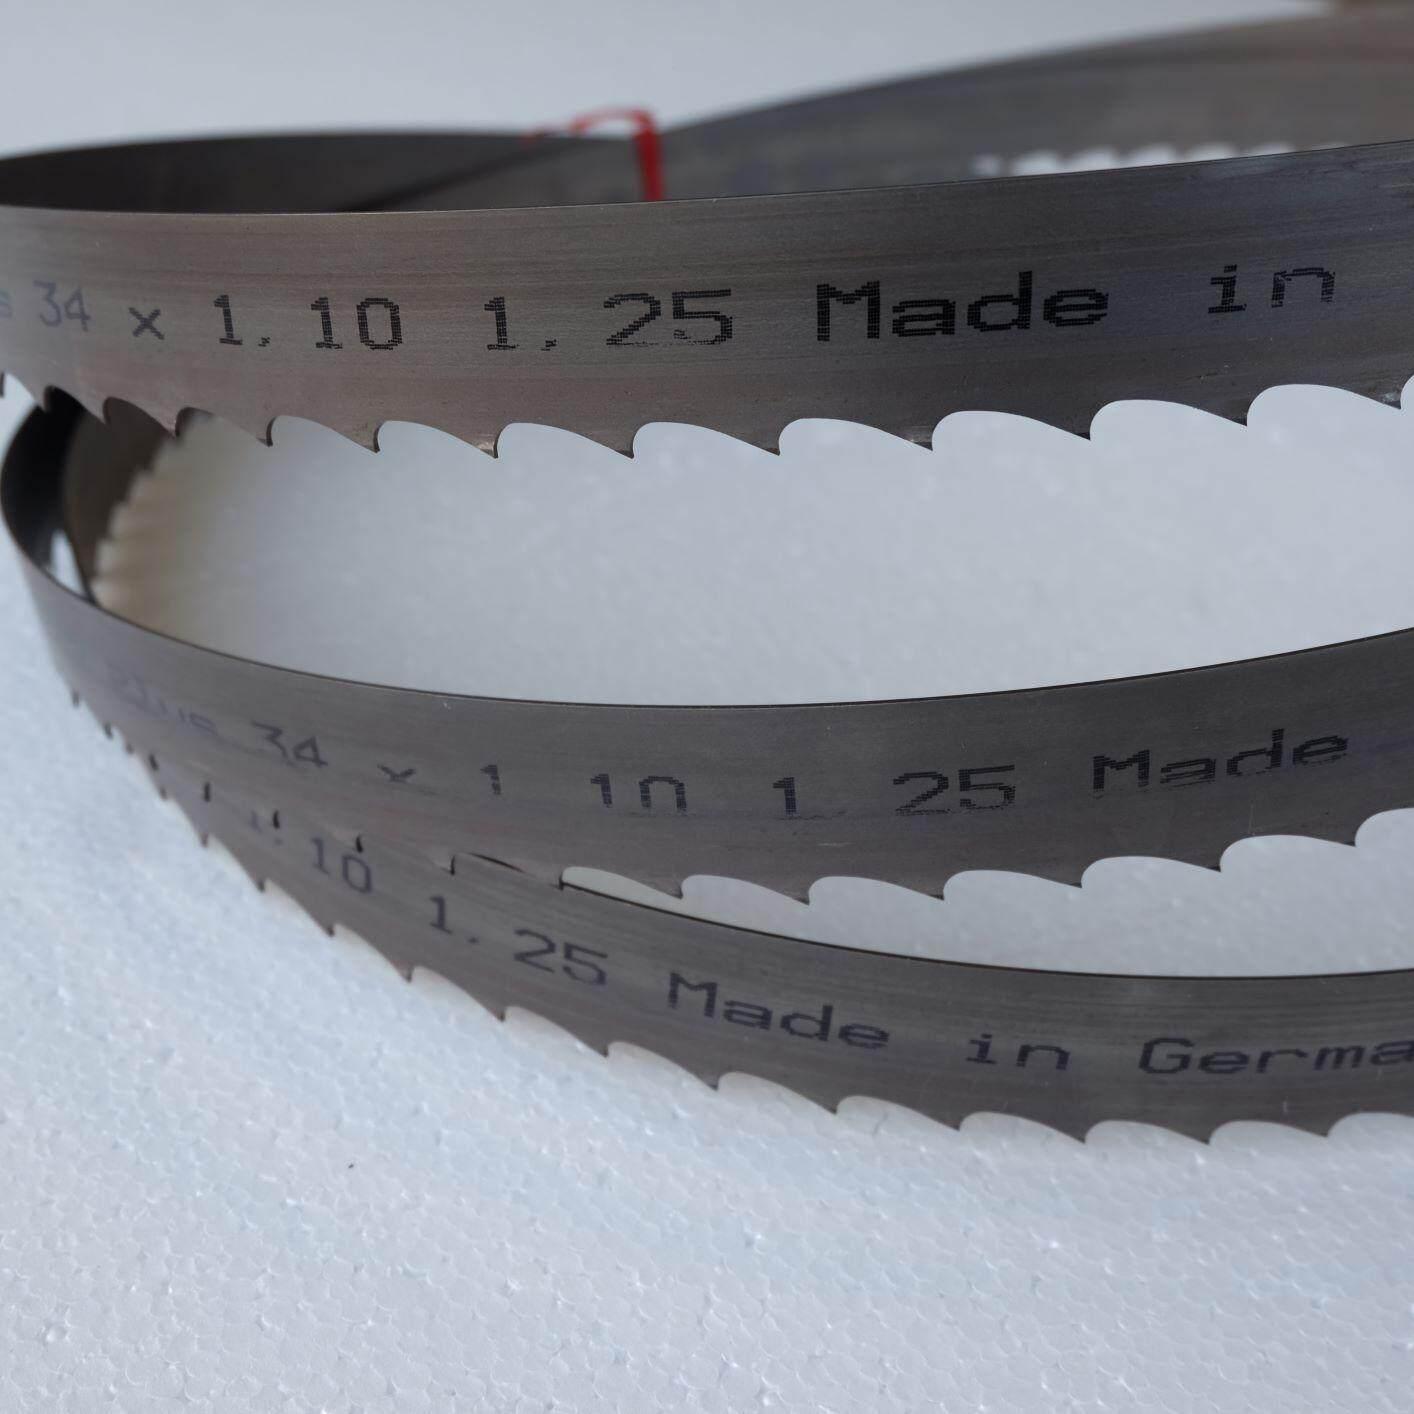 ใบเลื่อยสายพานสำหรับตัดไม้ 3300 x 34 x1.25 Hi-Speed Bimetal M42